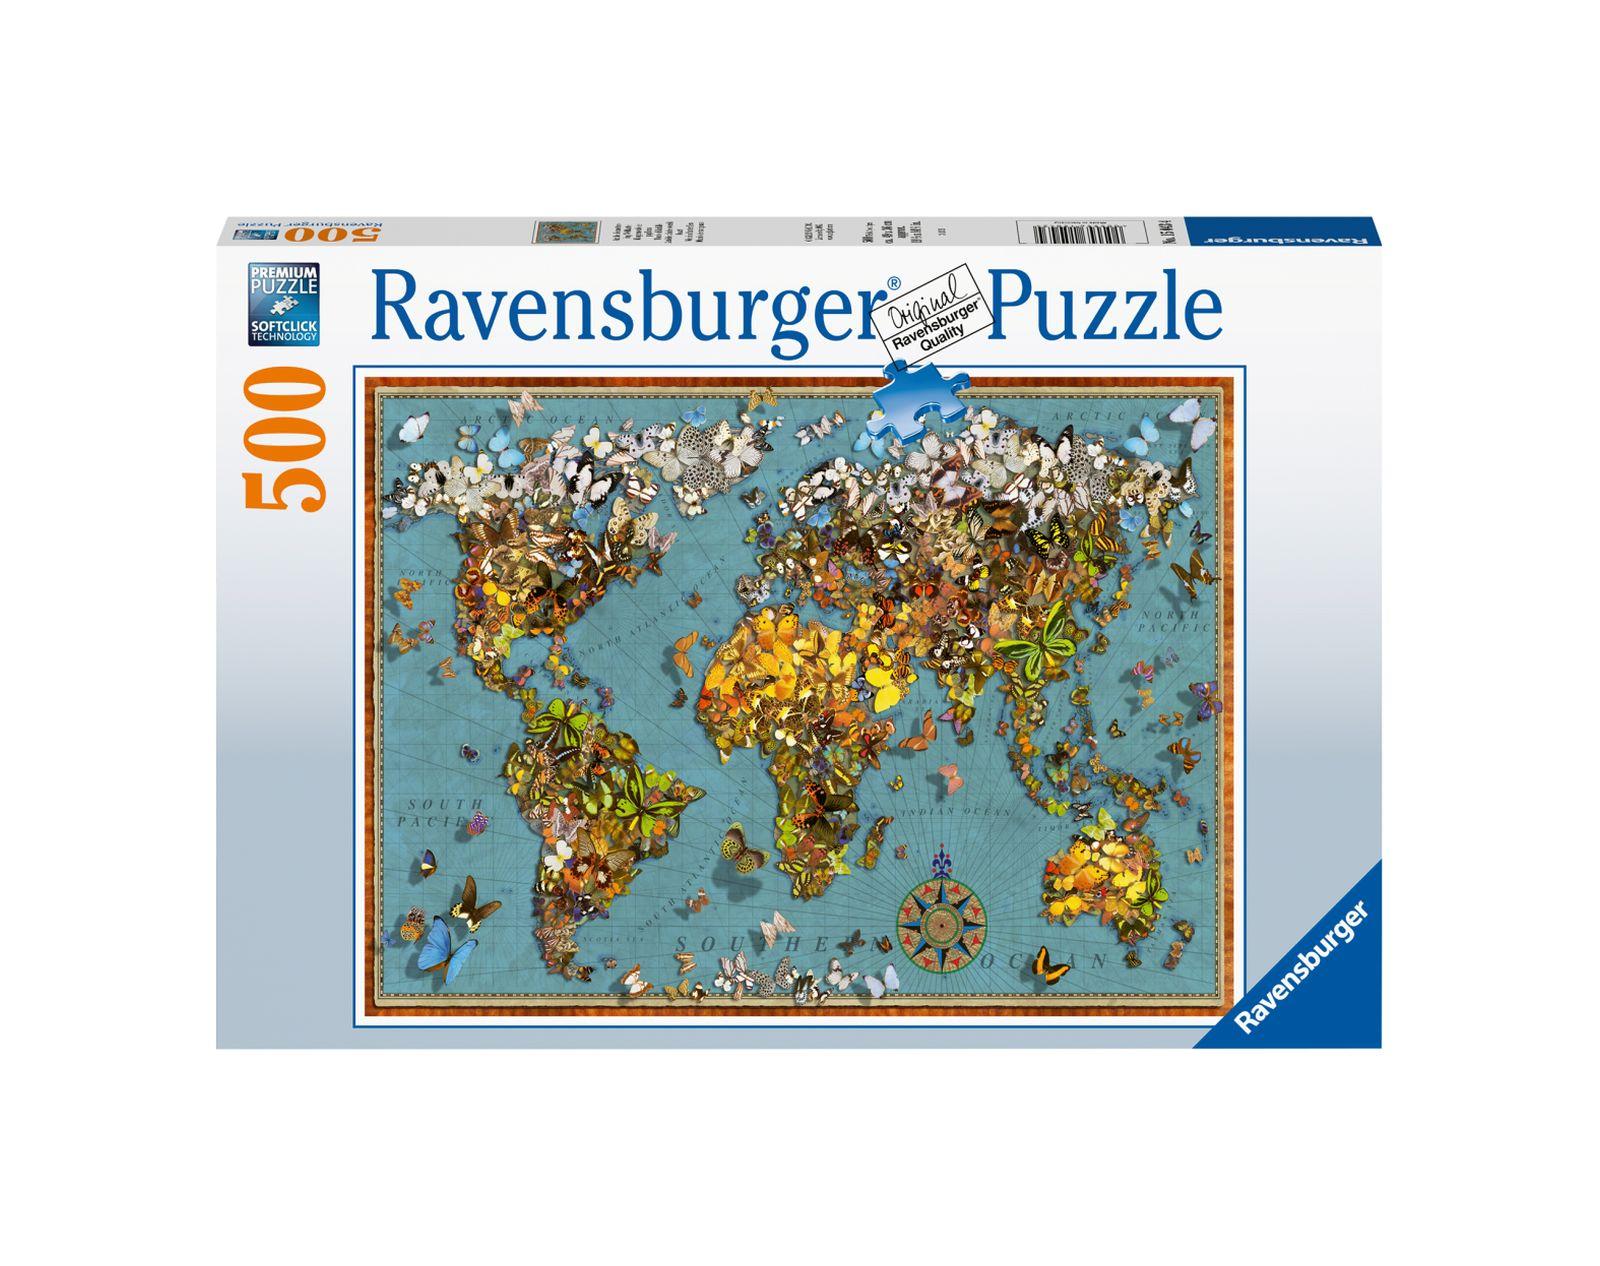 Ravensburger puzzle 500 pezzi mondo di farfalle - Ravensburger1